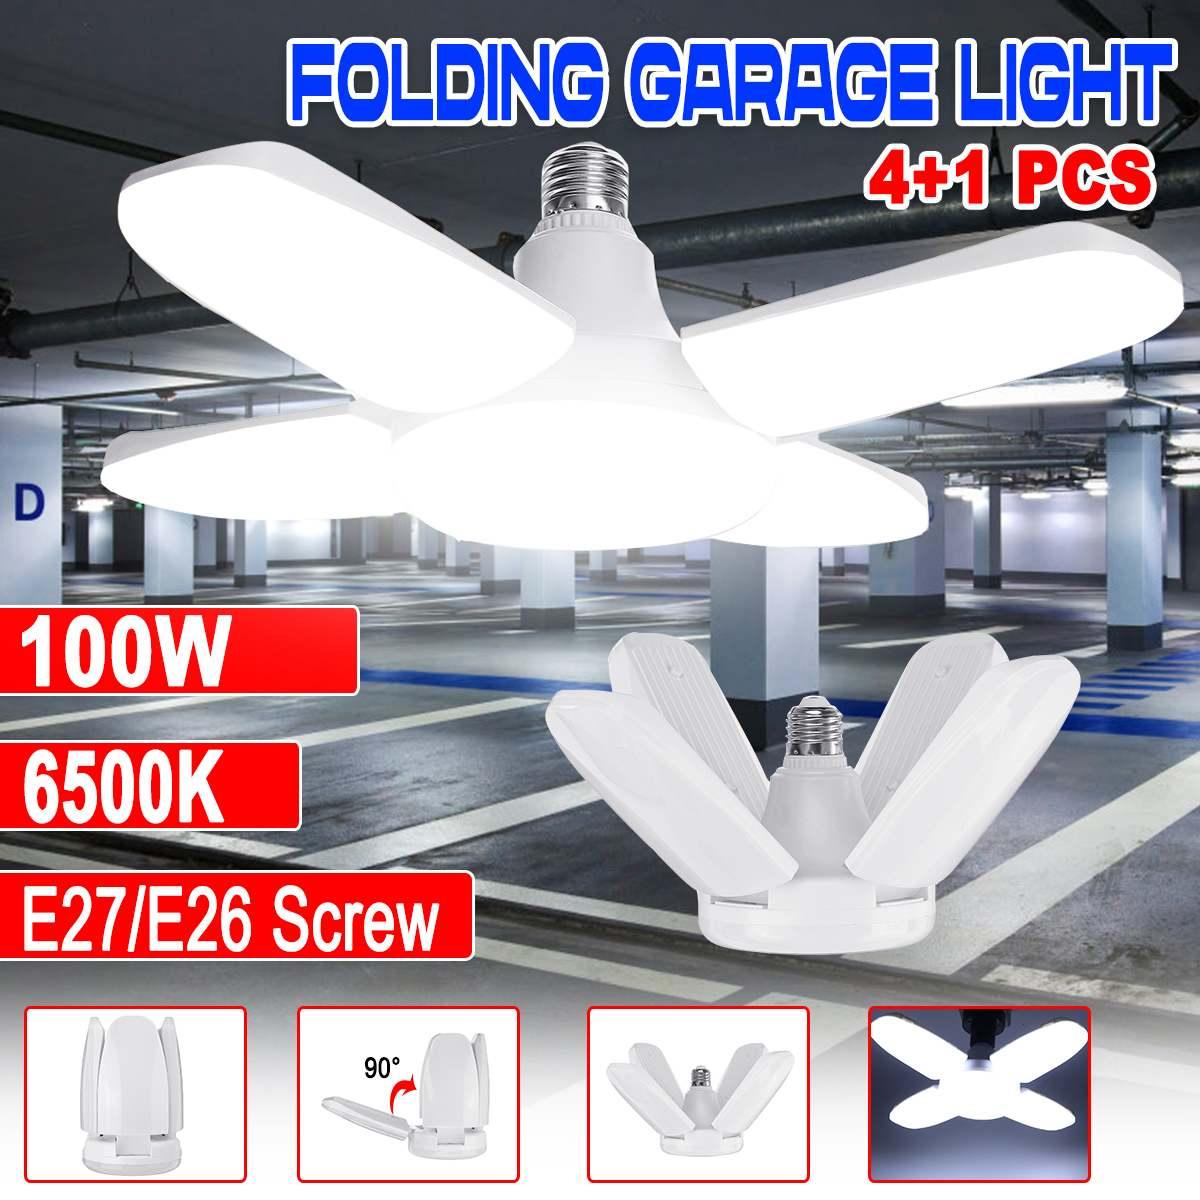 100W 6500K LED Garage Lights Shop Utility Ceiling Deformable E27/E26 Daylight LEDs Lamp For Garage Basement Workshop